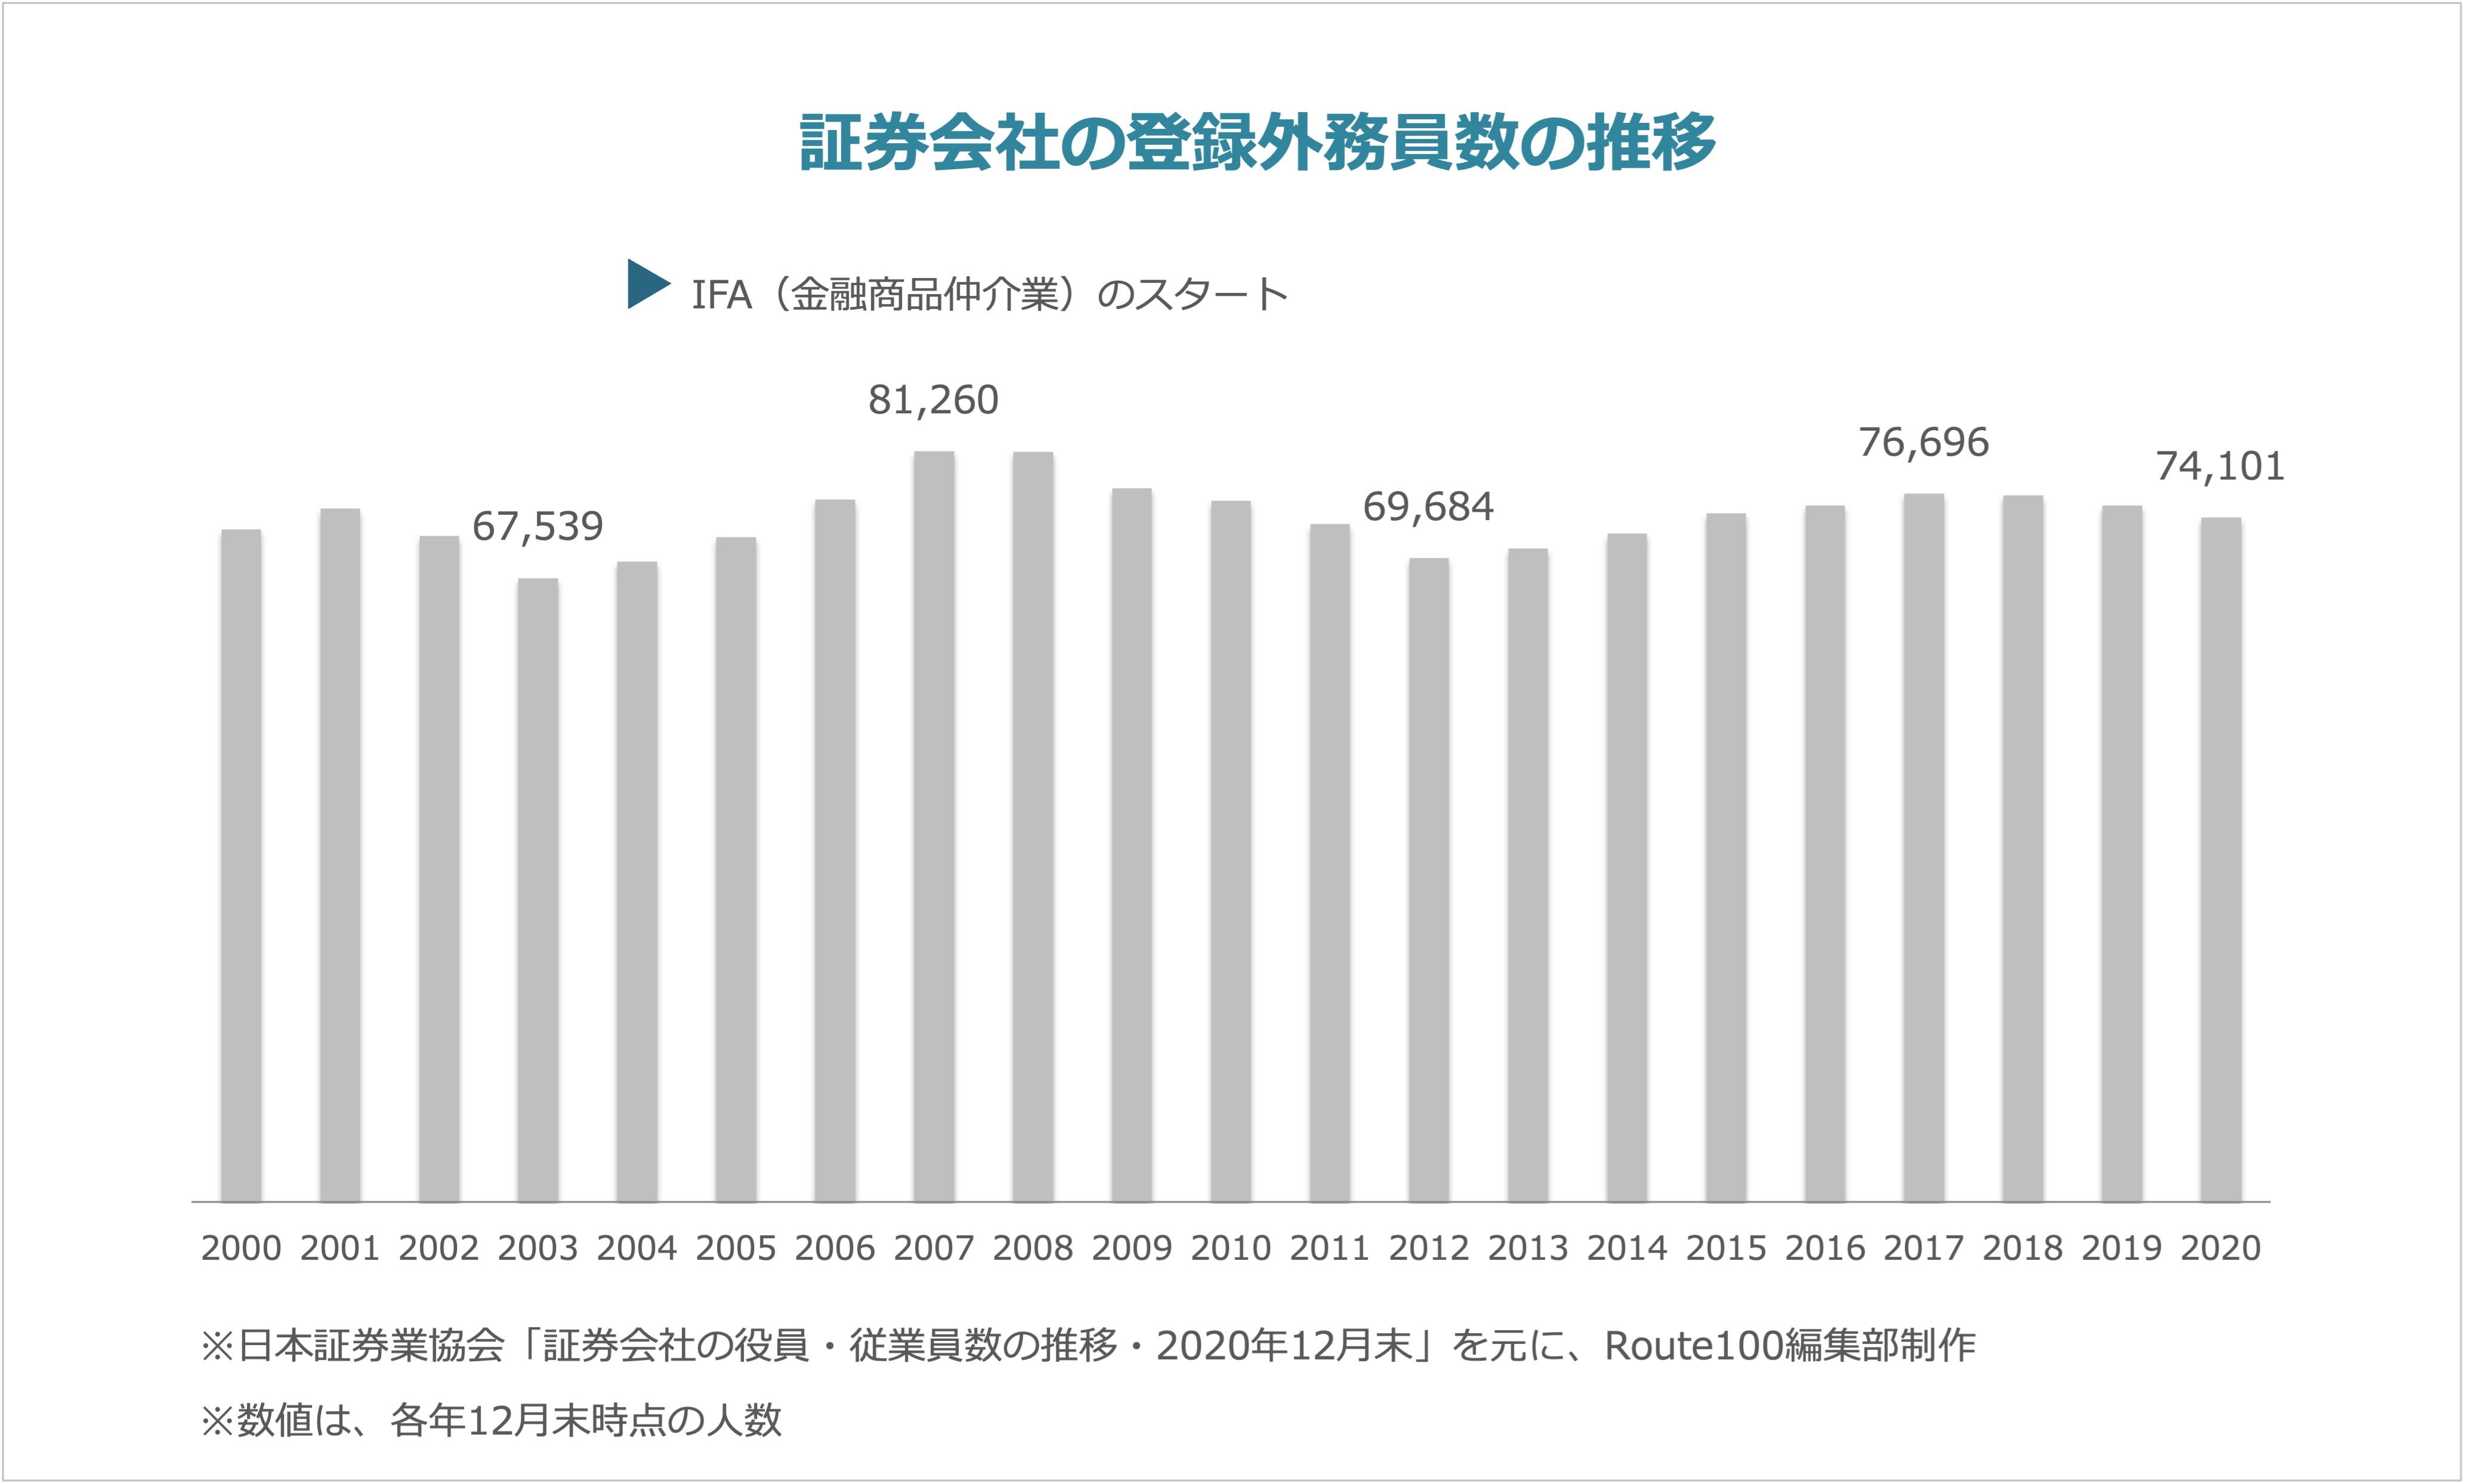 証券会社の登録外務員数の推移